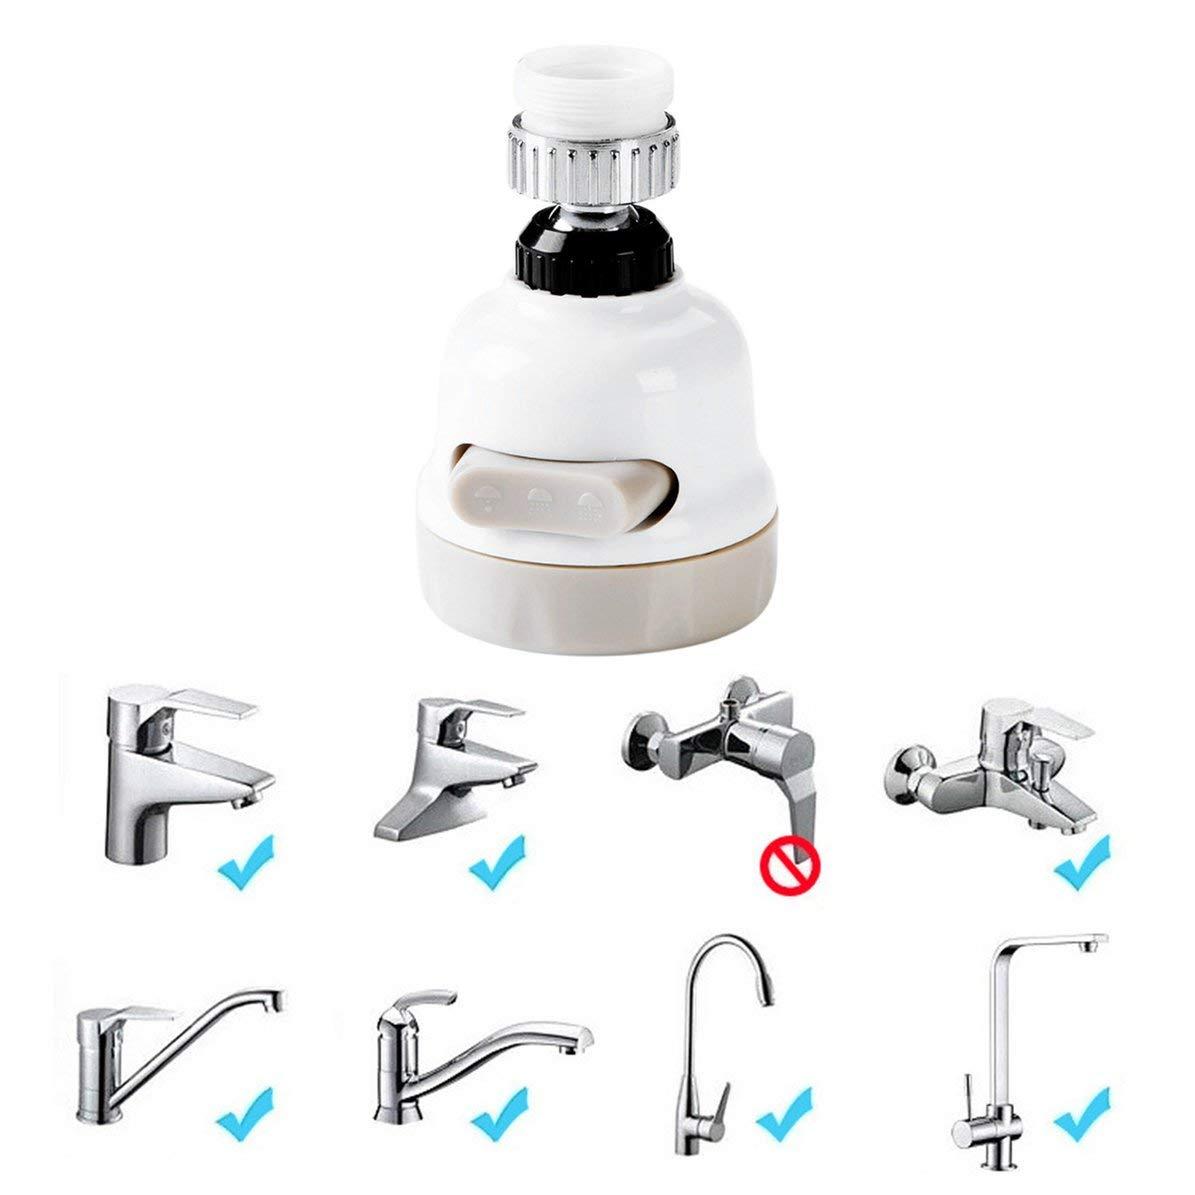 /Économiseur deau robinet filtre de douche robinet robinet deau Splash Trois types de sortie eau pommeau de douche /éclaboussure outil de robinet Blanc gris WEIWEITOE